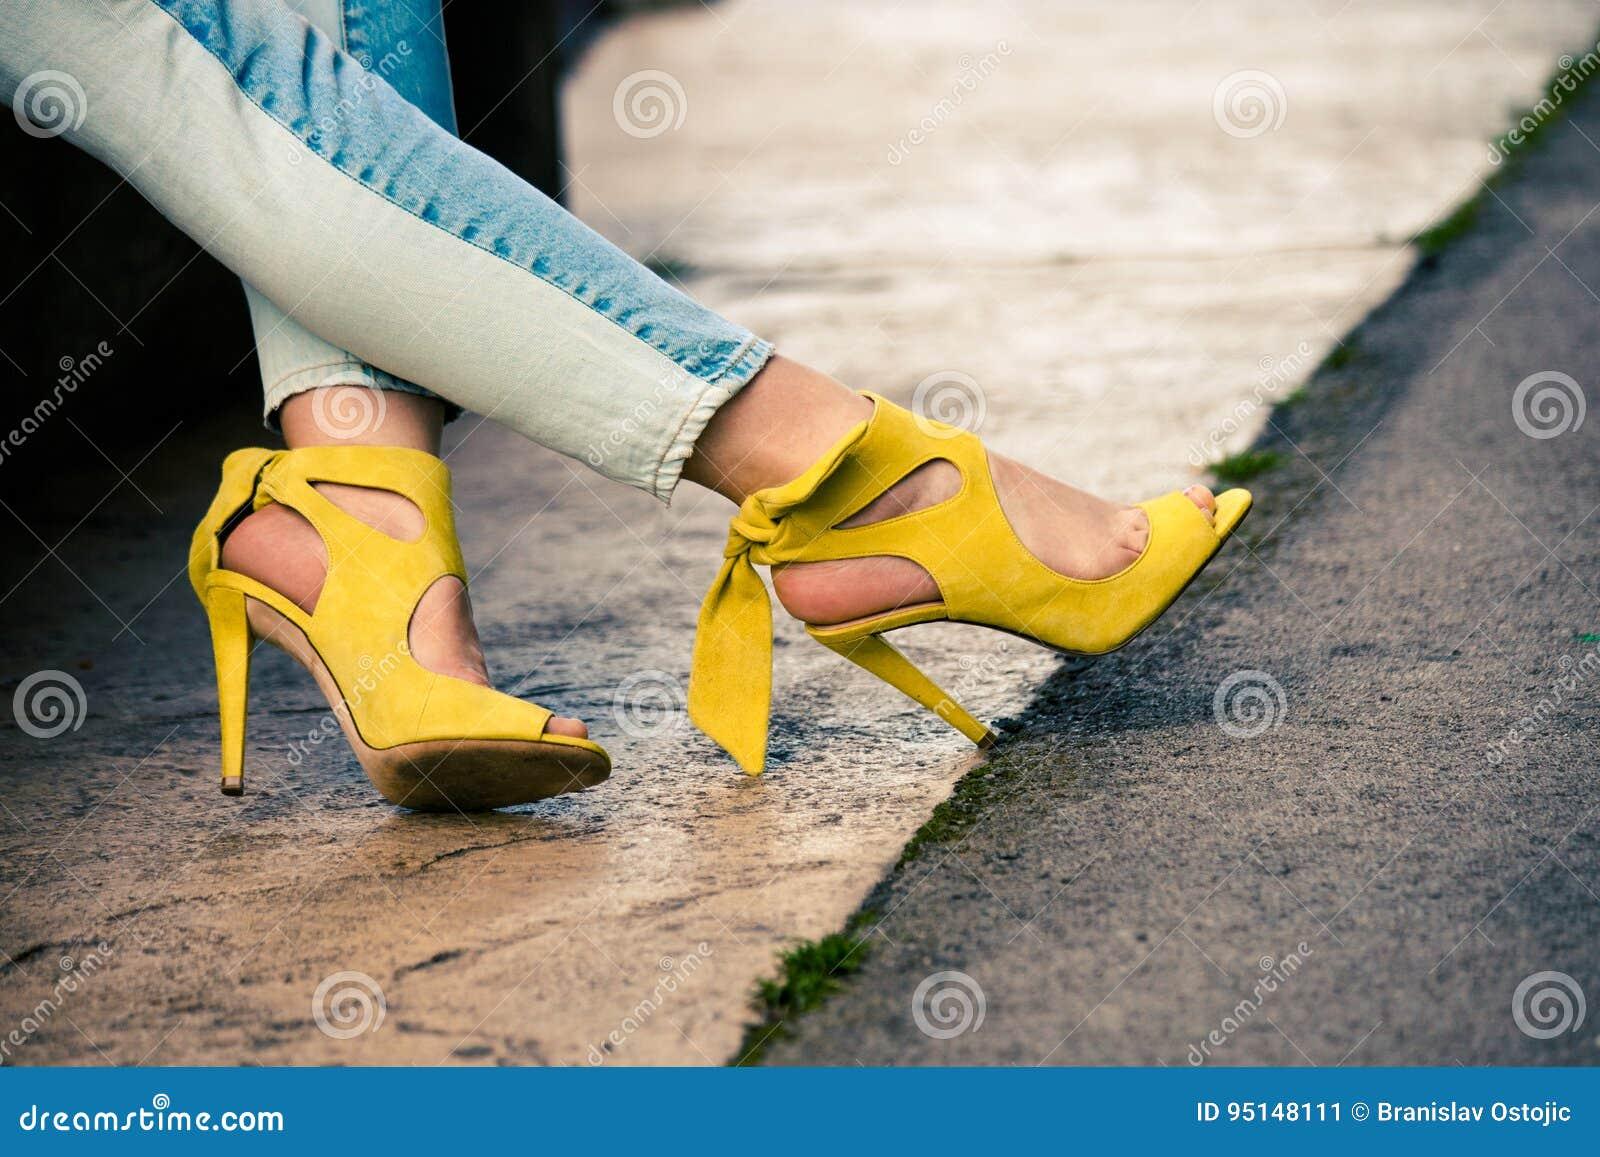 Mujer Las Cuero La Piernas Tacón En Sandalias Del De Amarillas 2EDIWH9